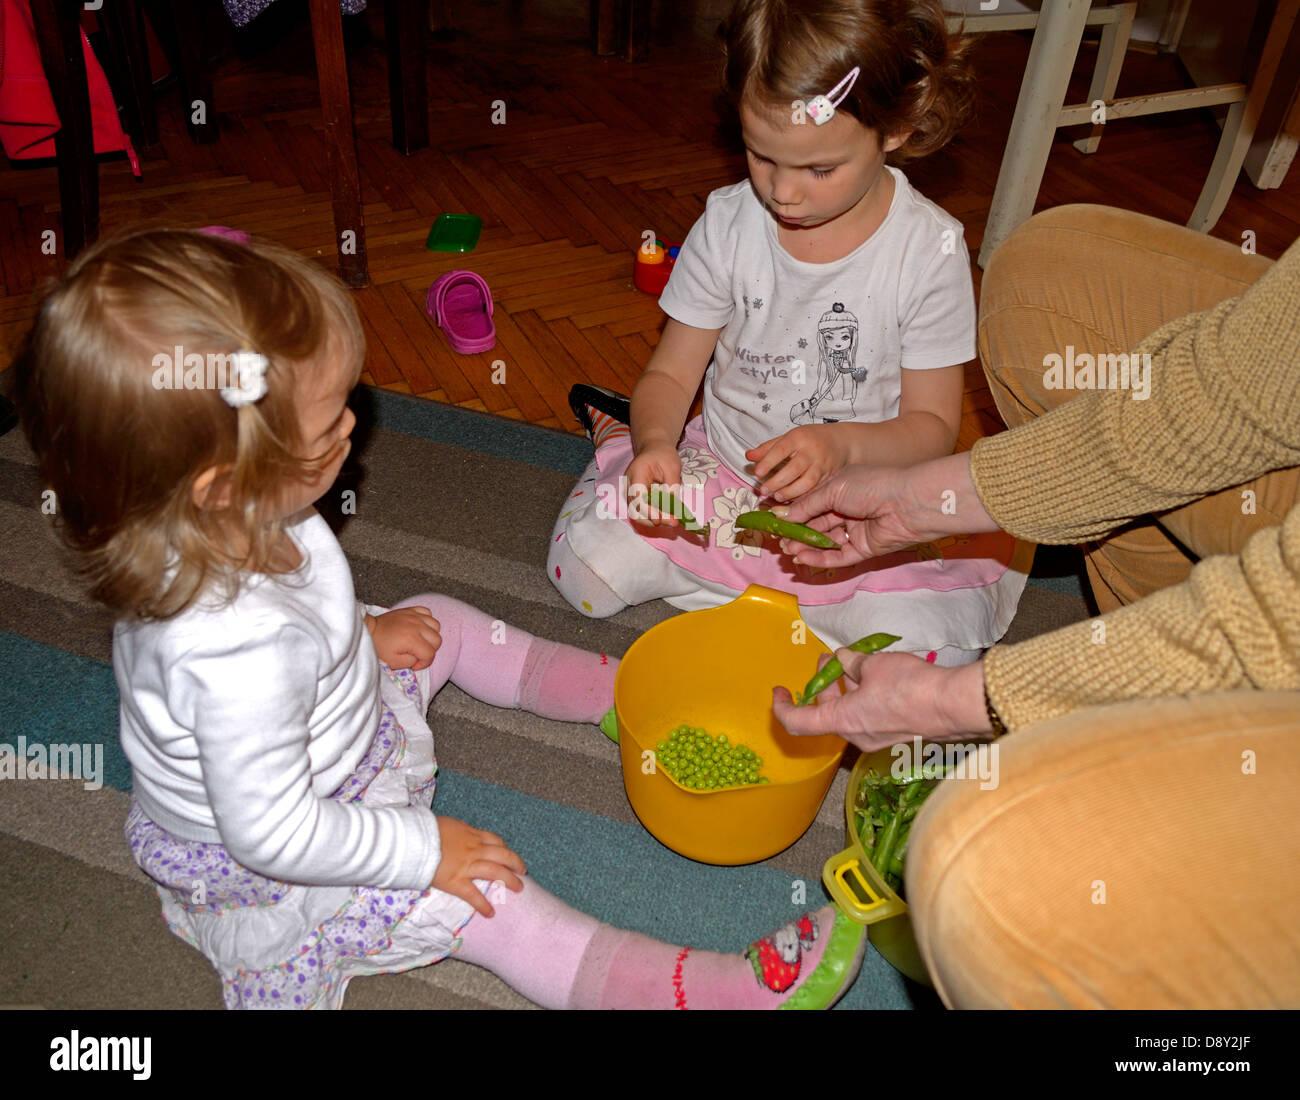 Nonna e bambine (4 e 2 anni) piselli da sgranare a casa Immagini Stock baac23af7e